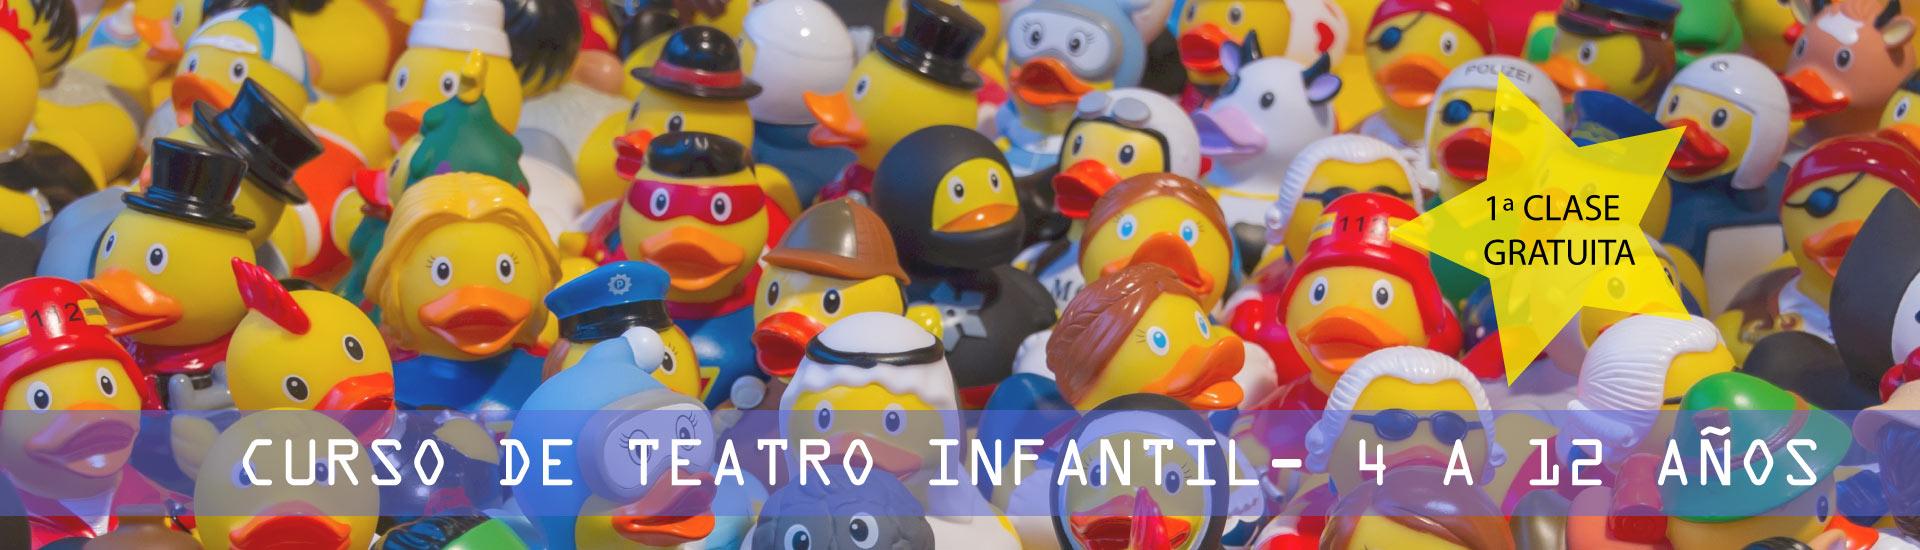 slide-TEATRO-INFANTIL